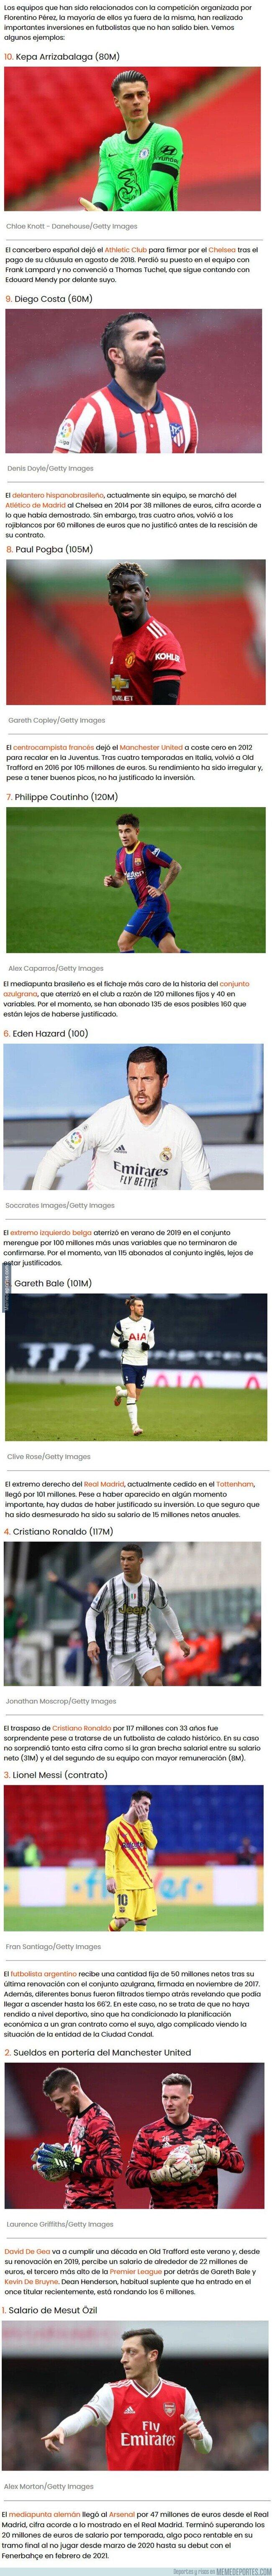 1133372 - 10 jugadores en los que los clubes que pertenecían a la Superliga gastaron fortunas innecesarias